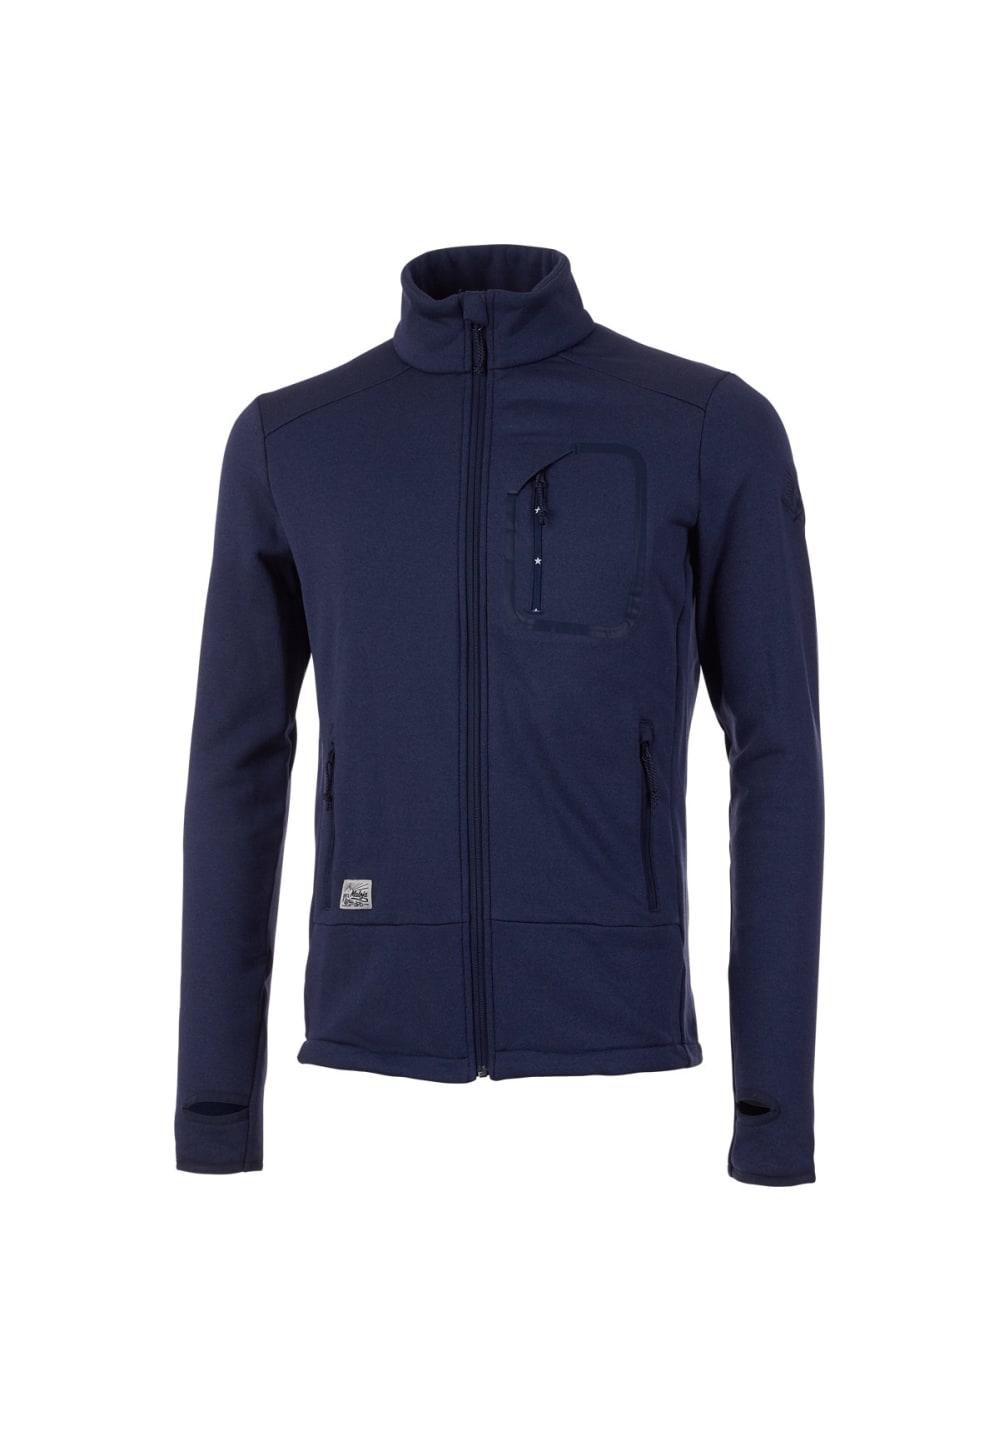 Maloja ForgartyM. Fleece Jacket - Freizeitbekleidung für Herren - Blau, Gr. S